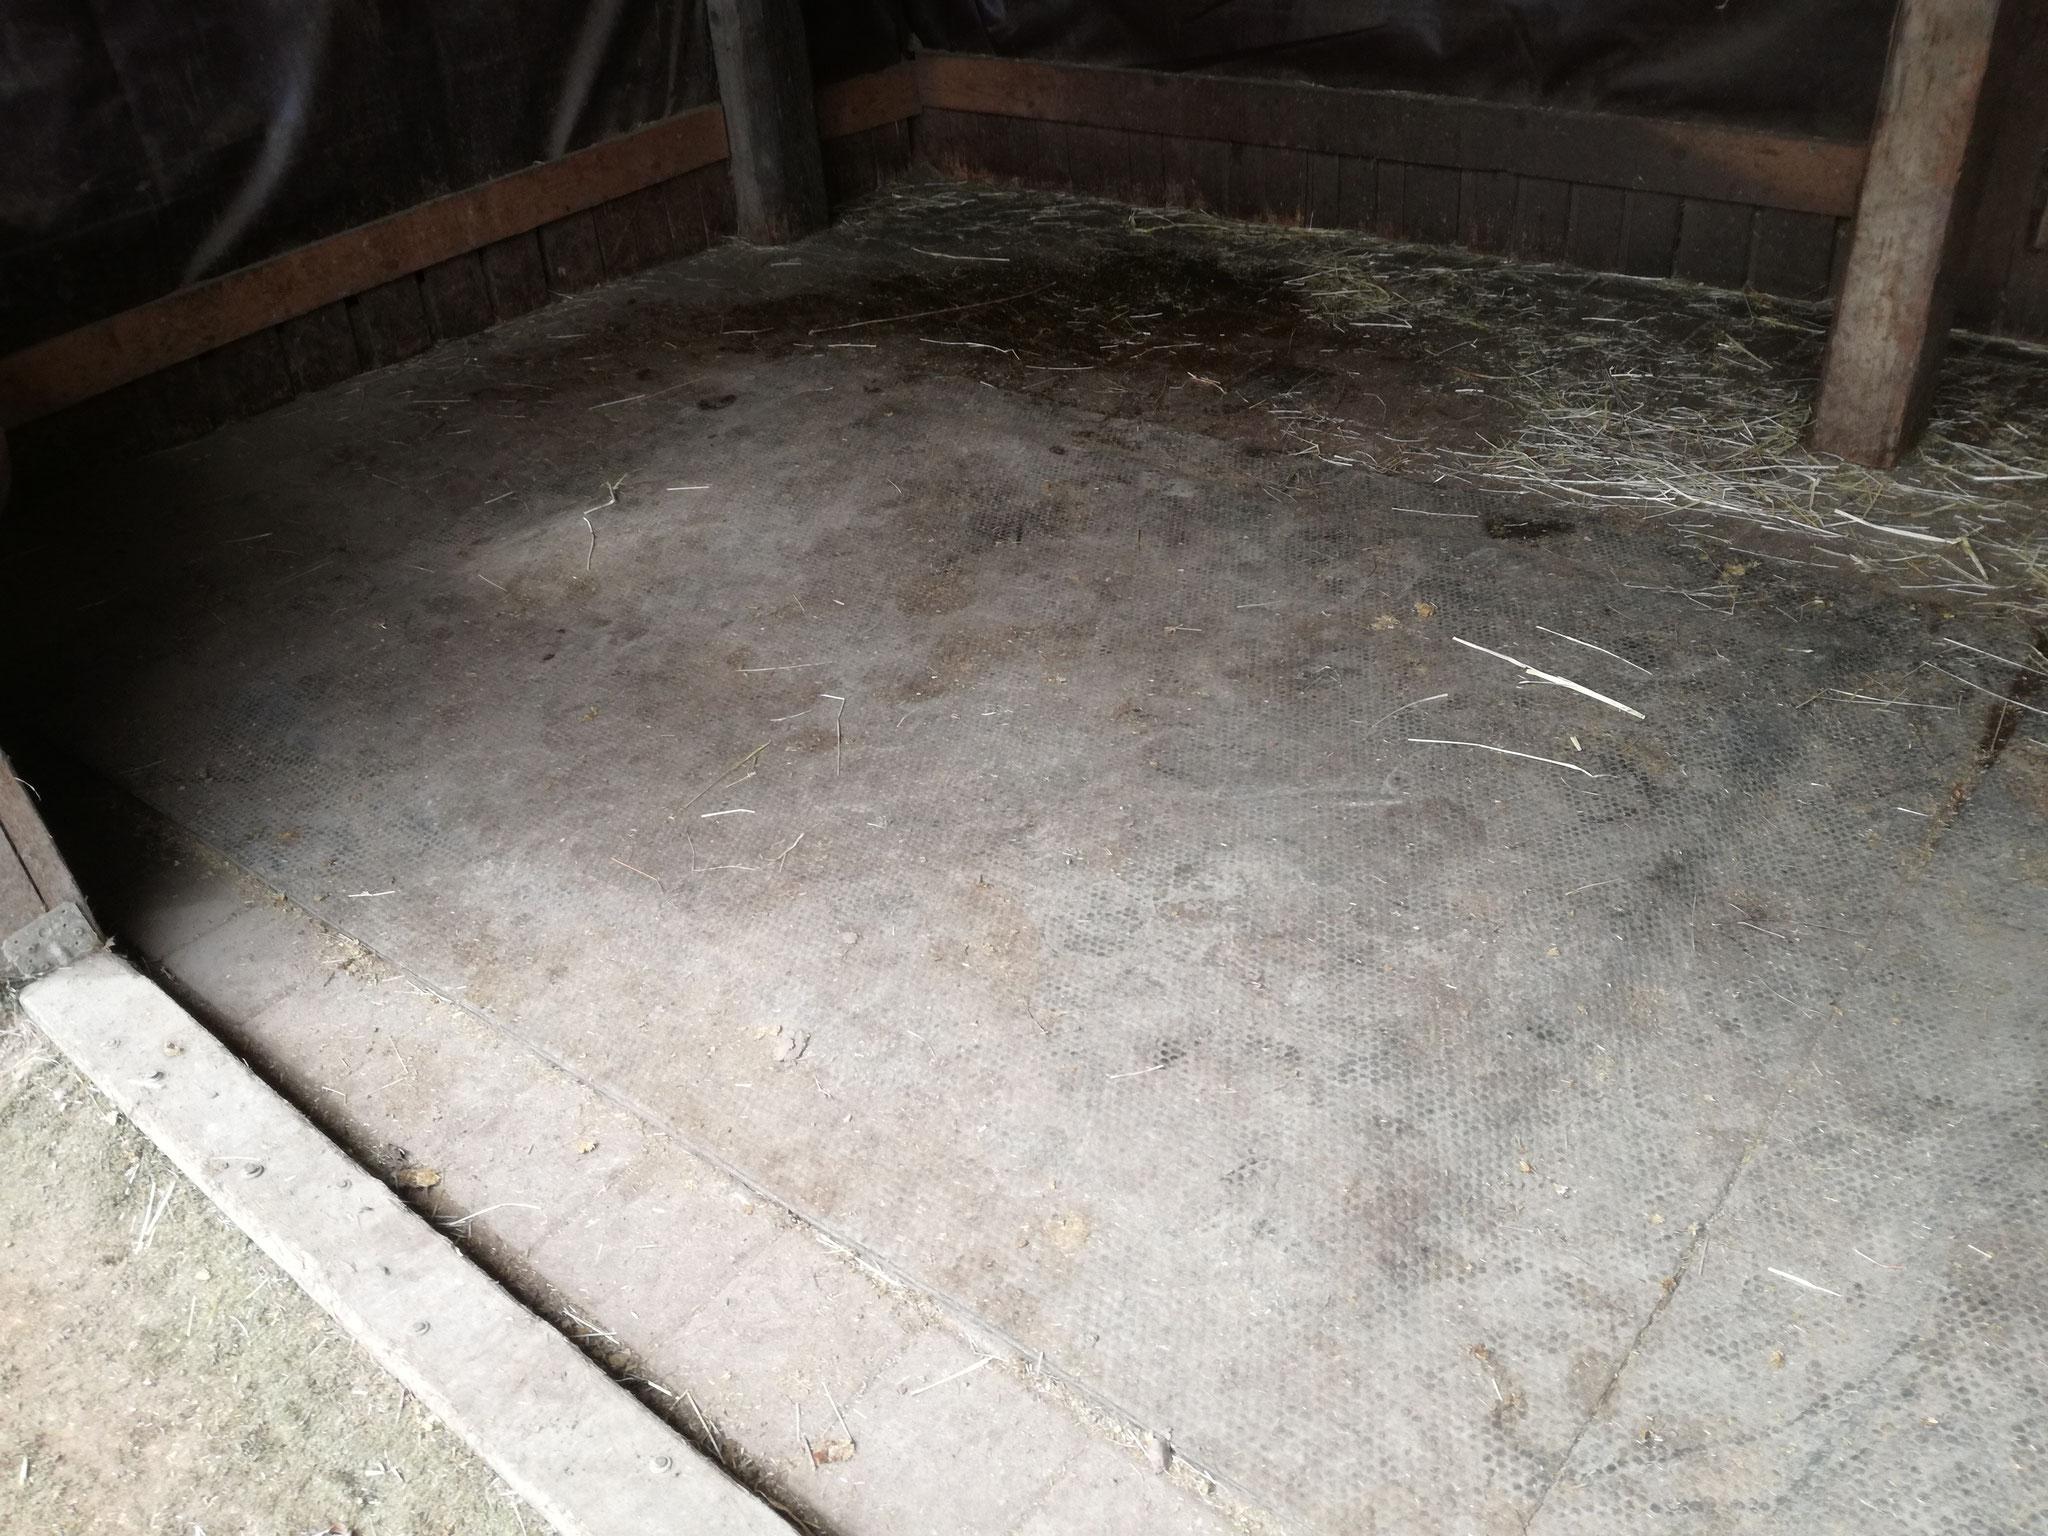 So sehen die Softbetten nach 4 Jahren gebrauch aus